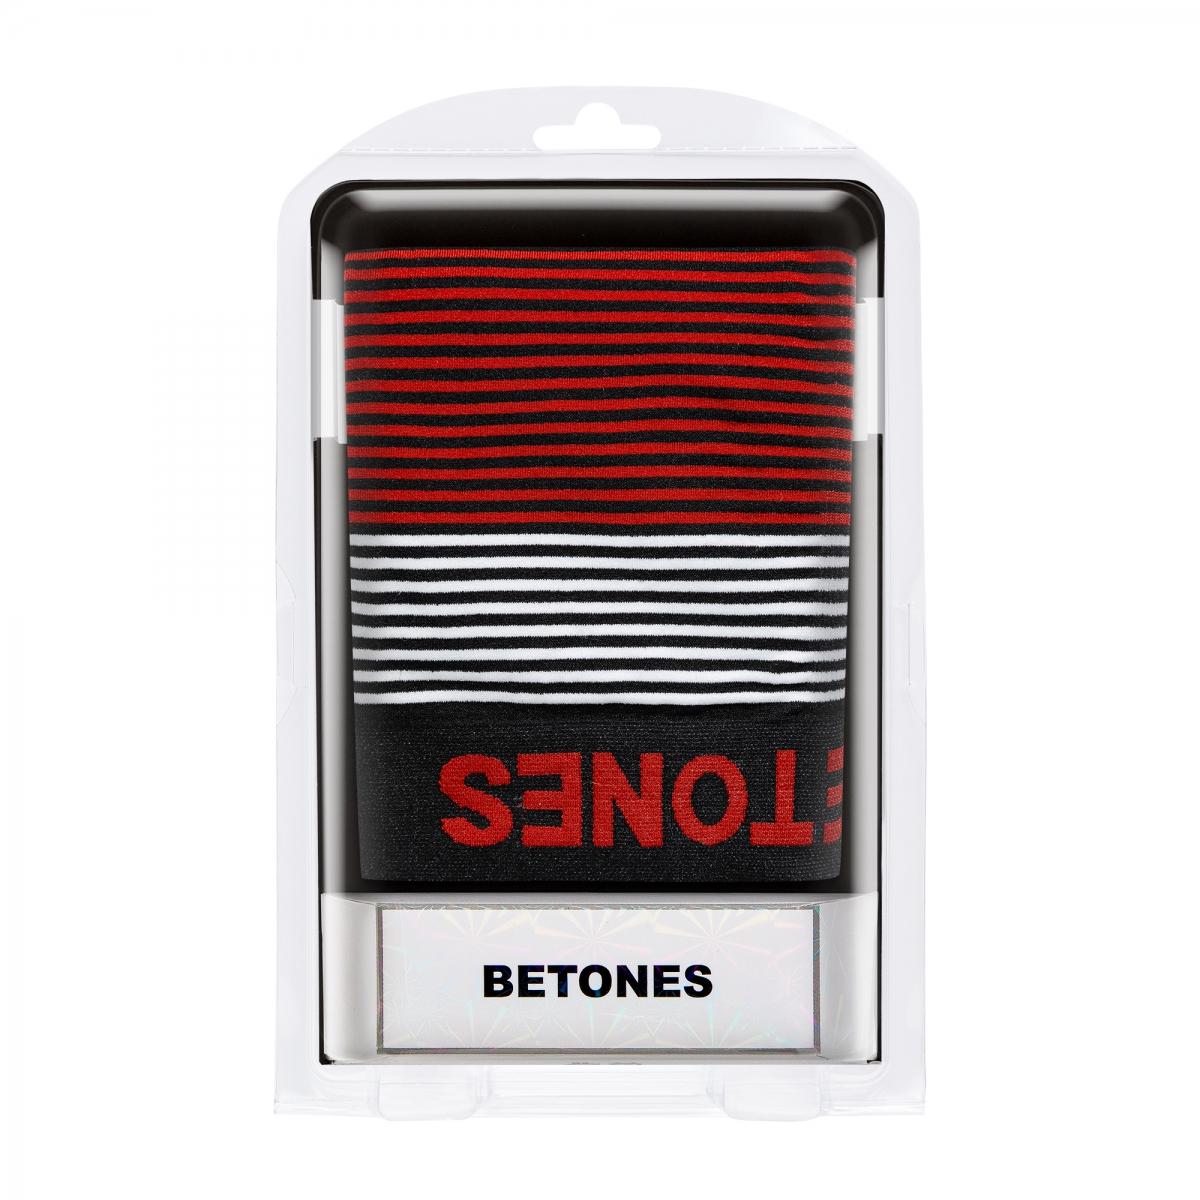 BETONES ビトーンズ ボクサーパンツ NEON4-B006 BLACKxRED